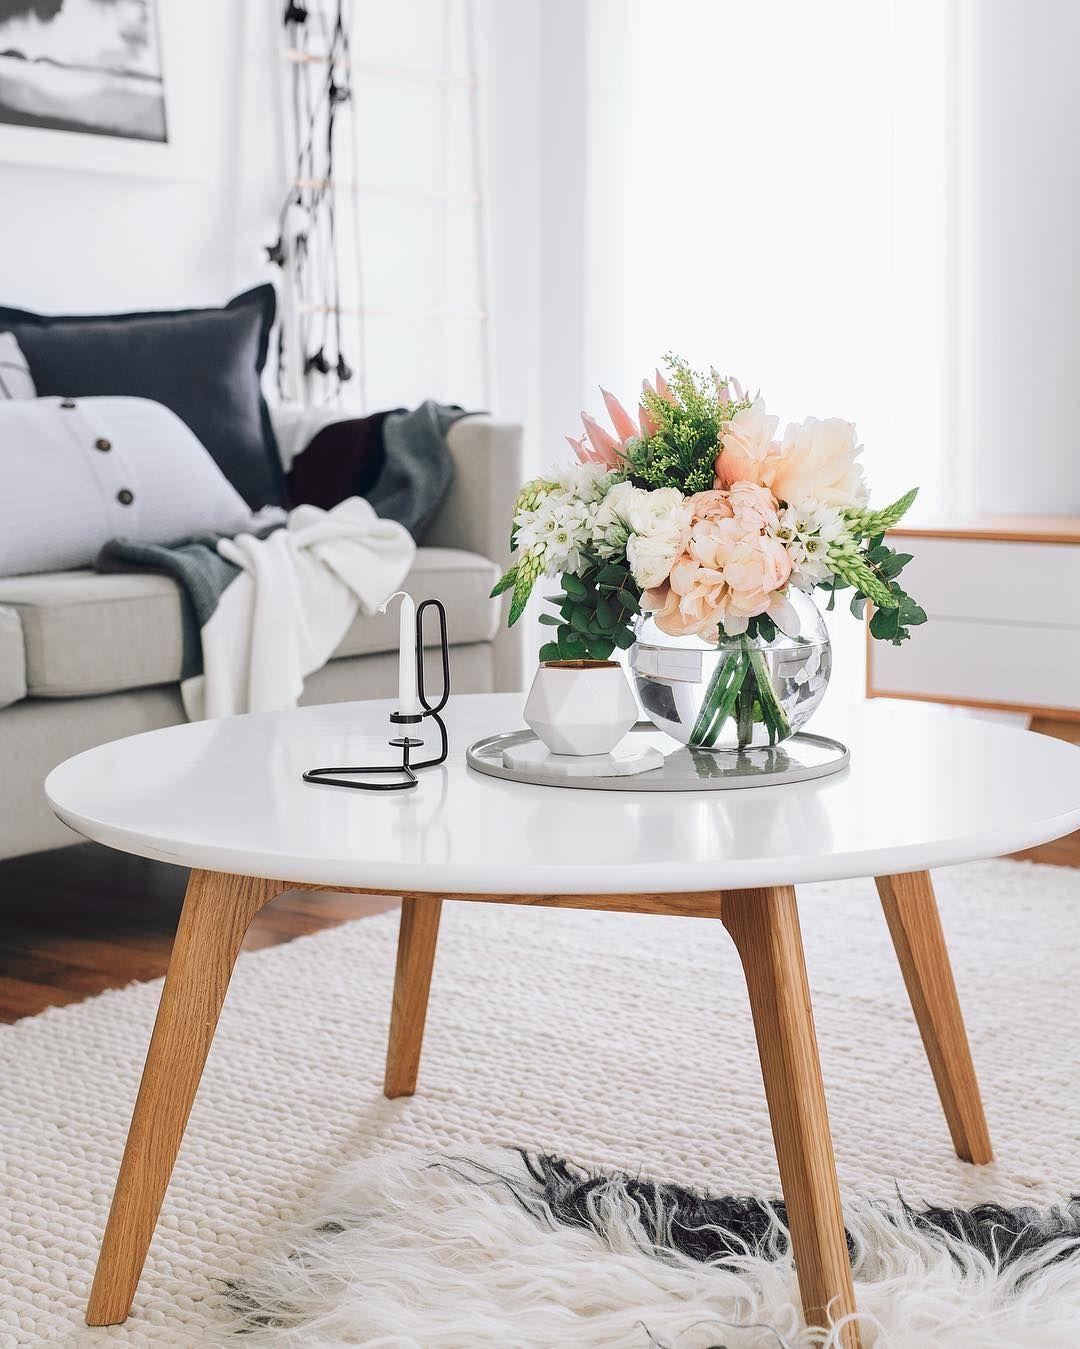 Bialy Stoliczek Kawowy Z Dekoracja Kwiatami W Salonie Home Decor Traditional Decor Coffee Table